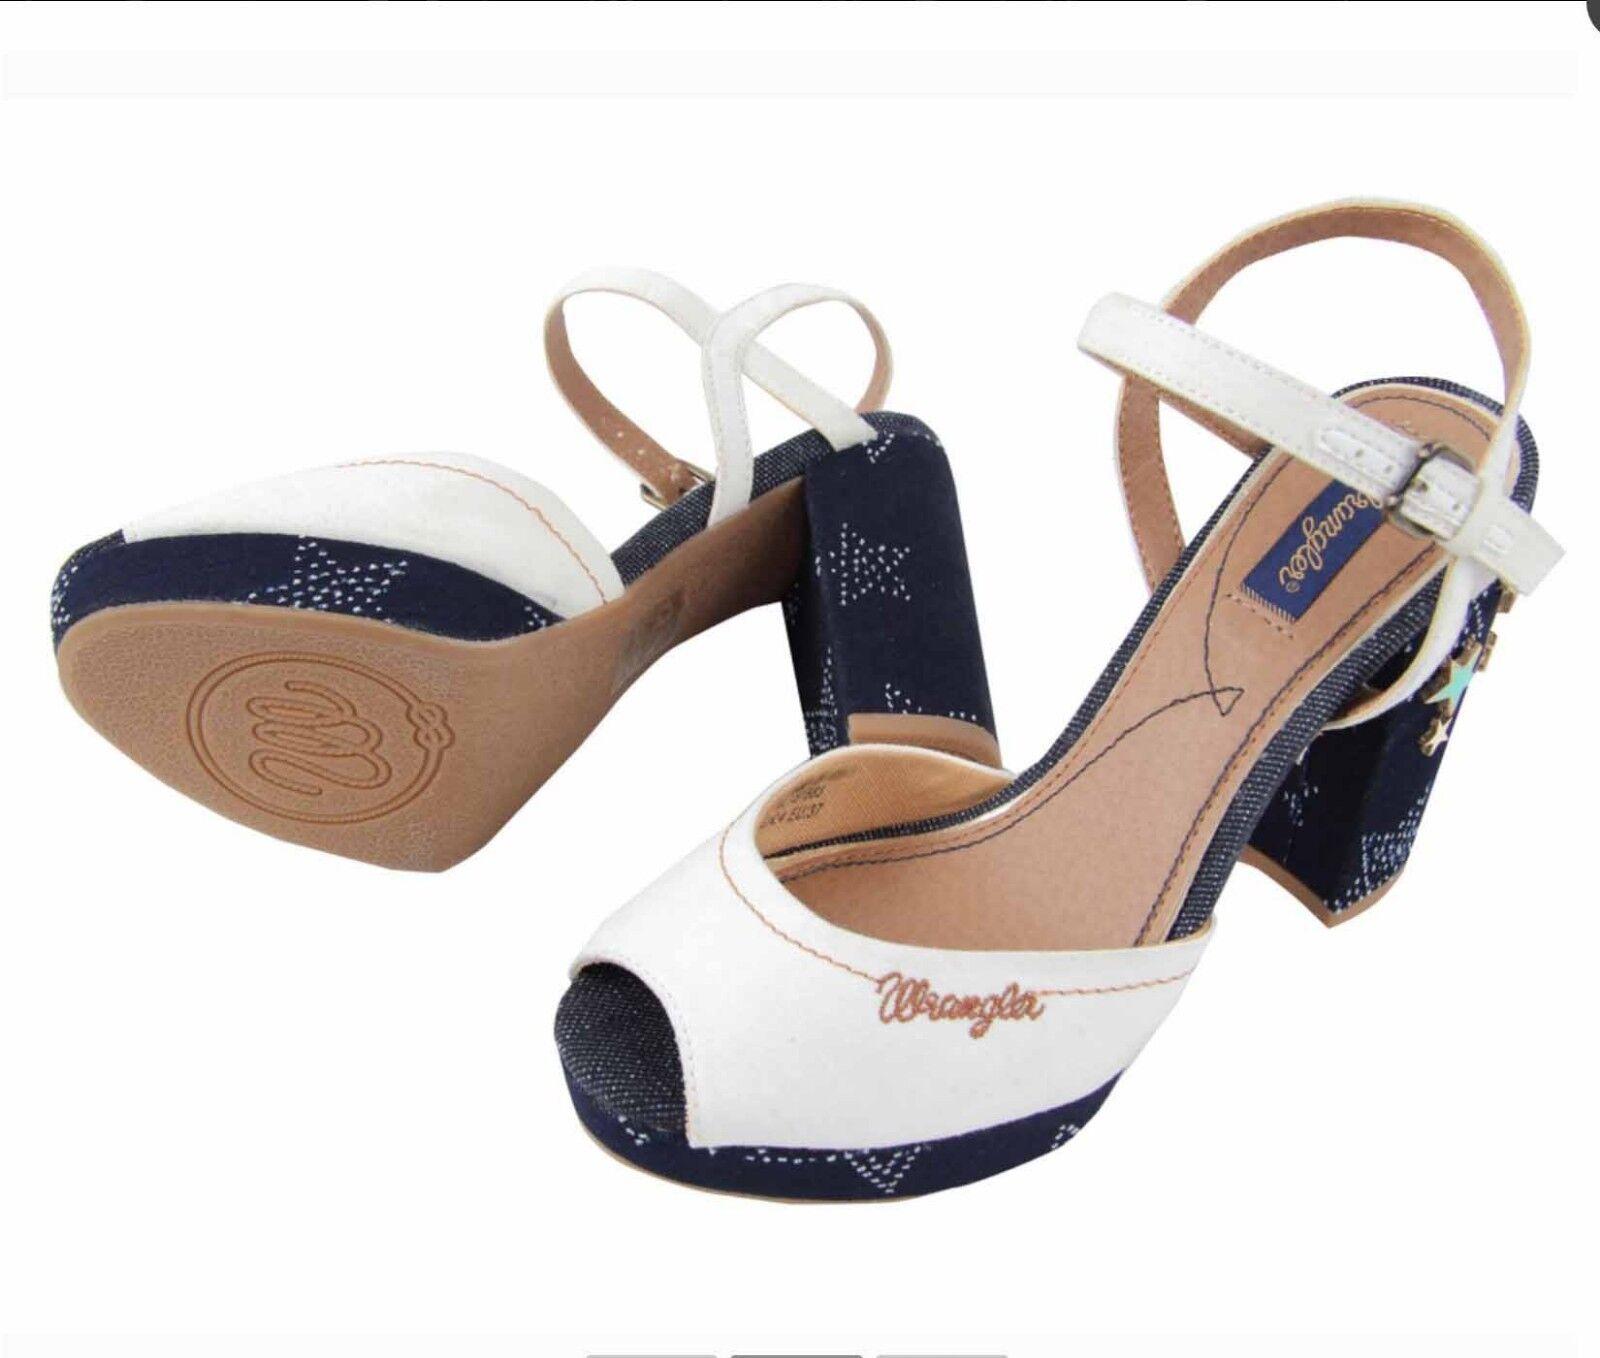 WRANGLER Blau STARS SANDALS Schuhe SIZE UK4 EU37